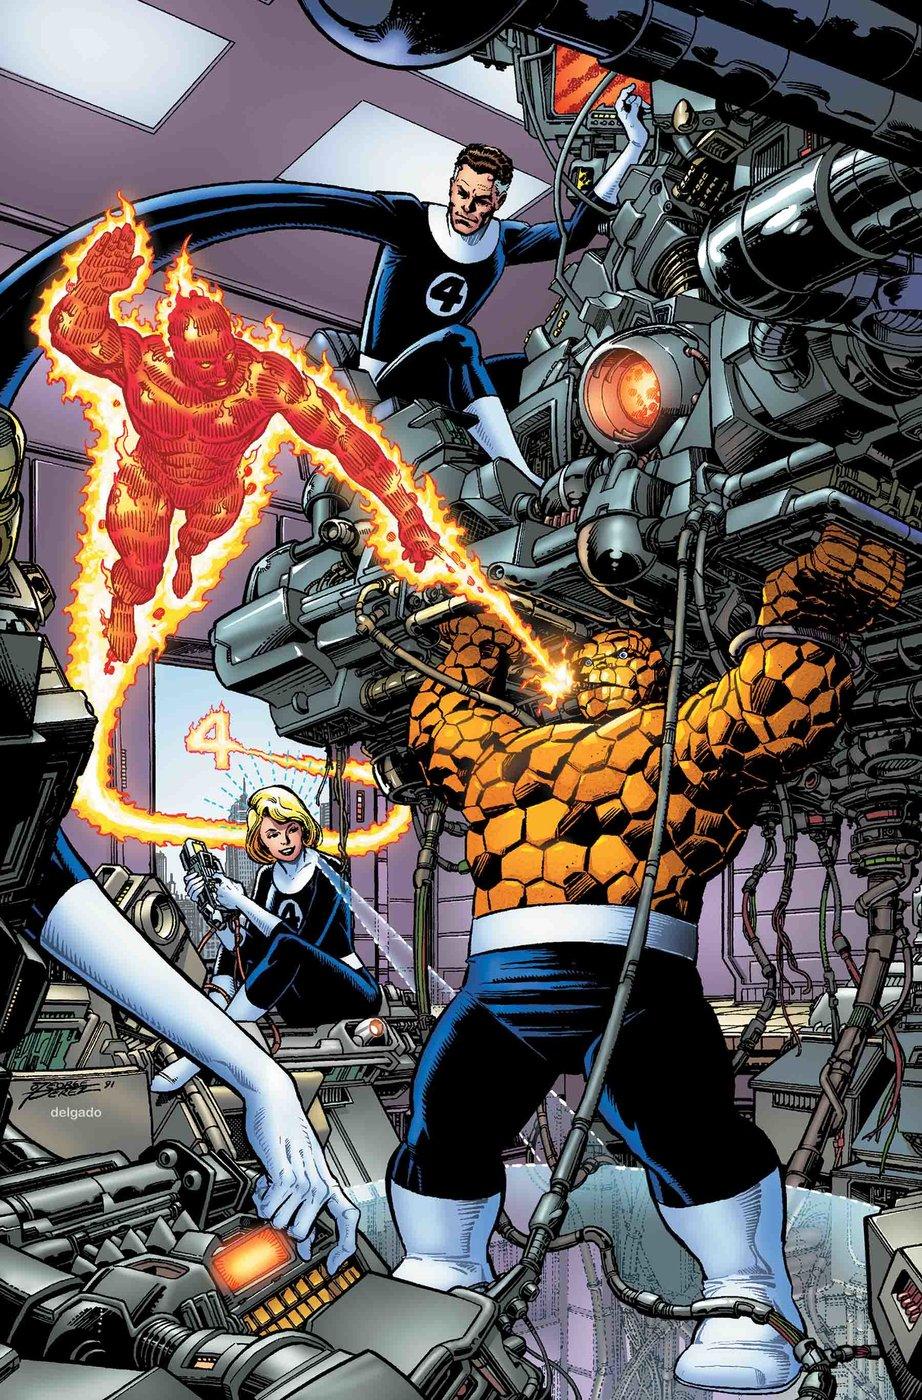 Fantastic Four #1 -couverture variante par George Perez